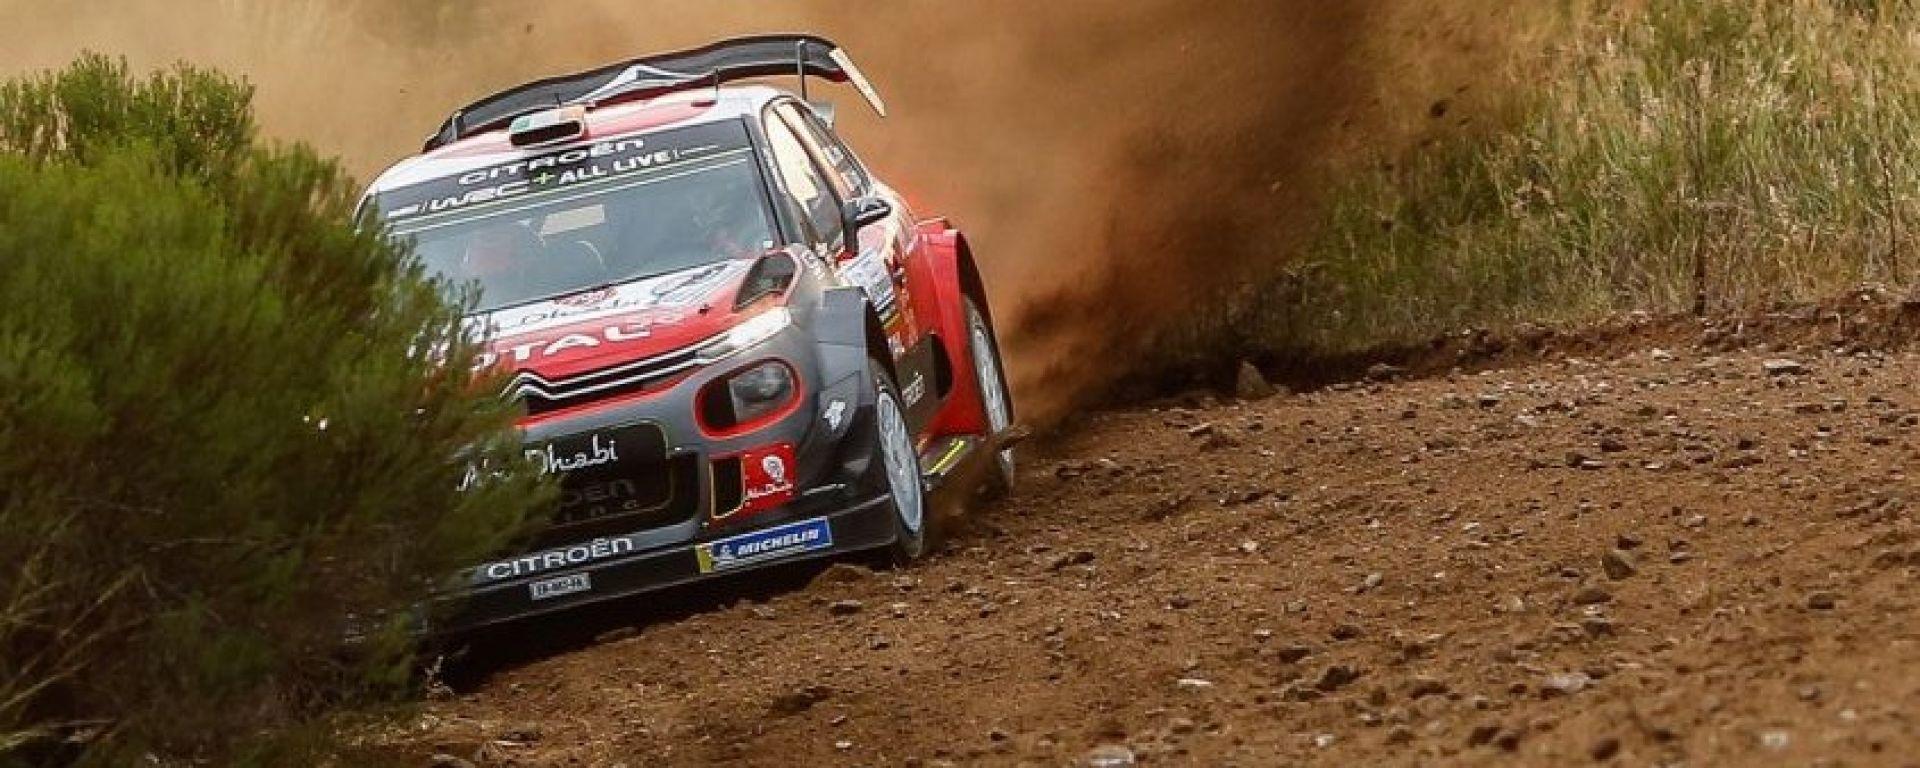 La nuova sfida di Citroen Racing: ecco il Rally del Portogallo